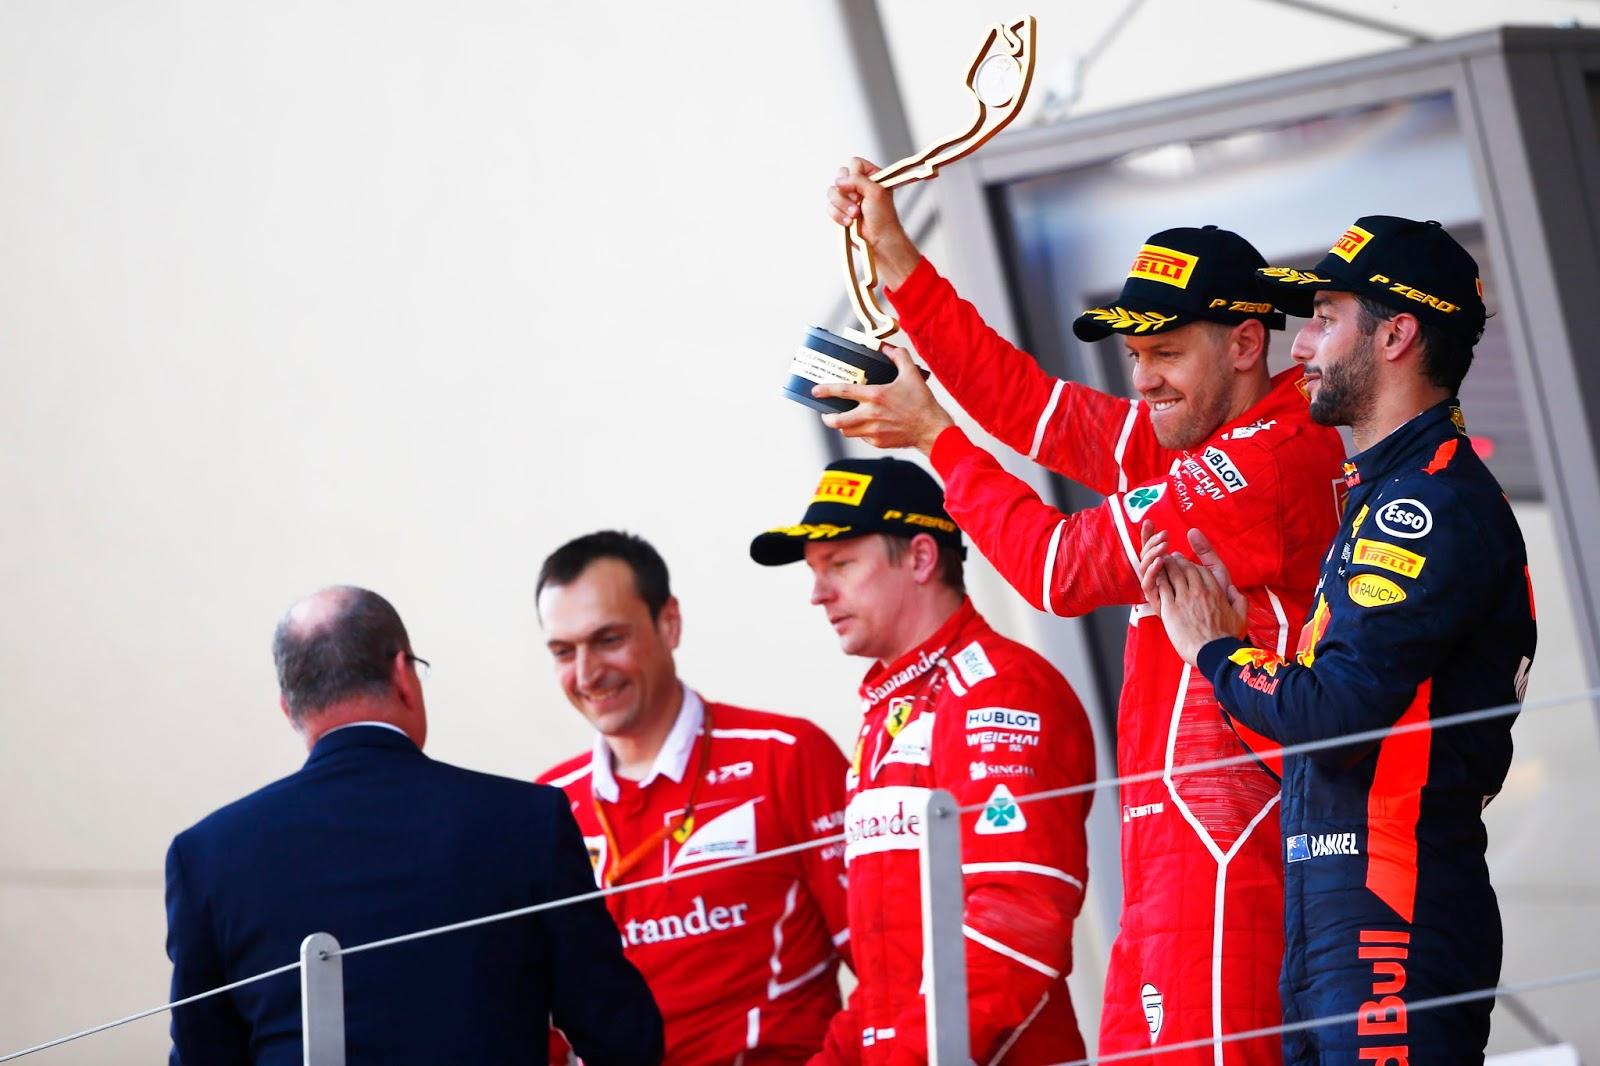 Trionfo Ferrari a Monaco, Vettel vince e Raikkonen secondo